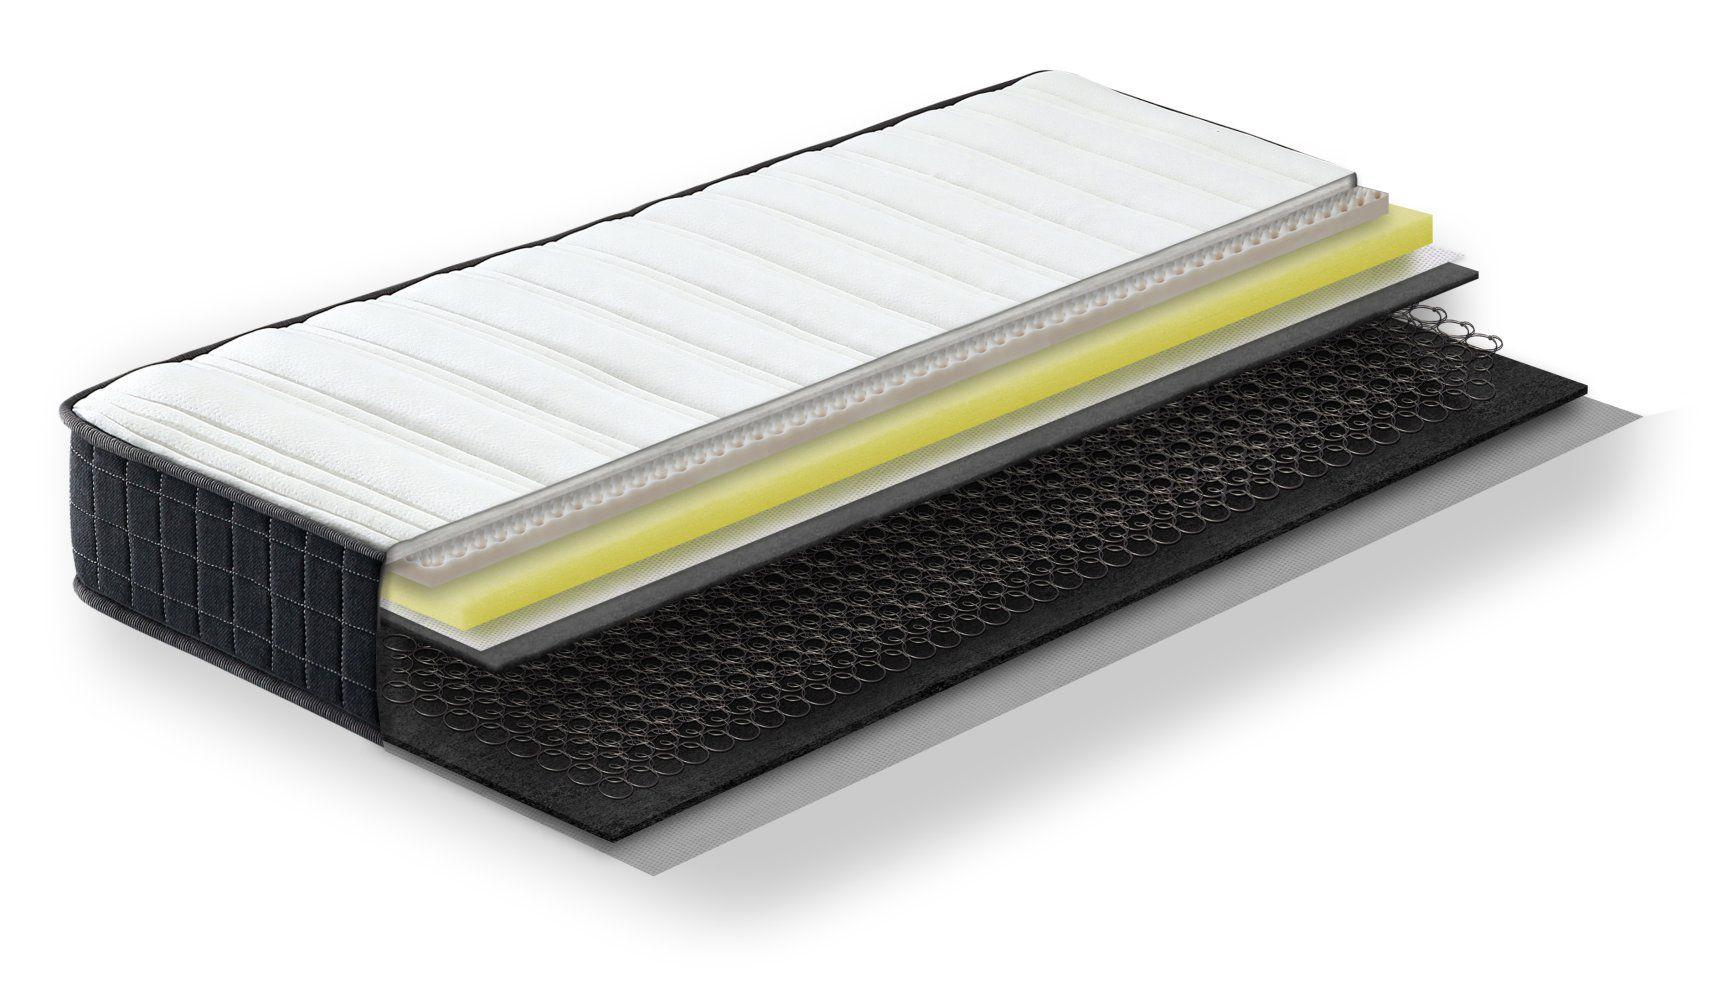 Steiner Premium Matratze Dream mit Bonellfederkern - Größe: 90 x 190 cm, Härtegrad H2-H3, Höhe: 20 cm